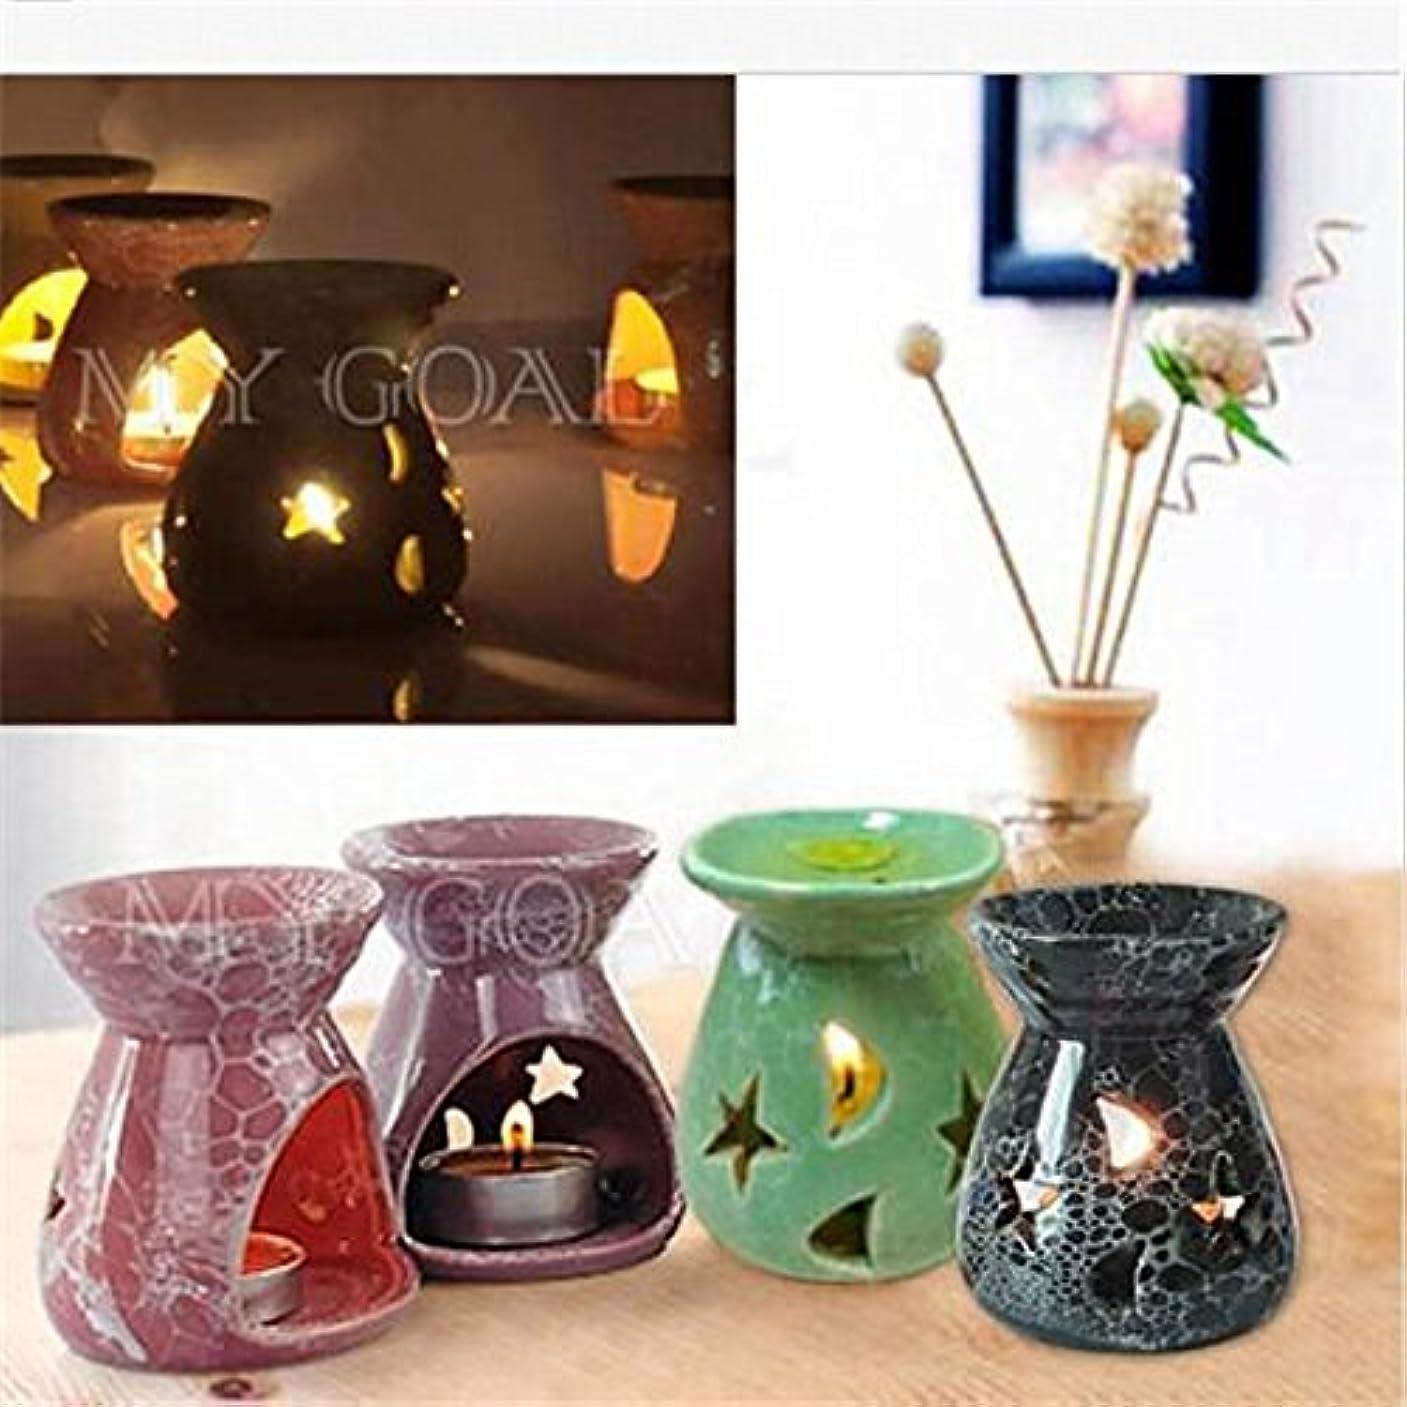 ワンダー悔い改める宇宙船Hot Sale Ceramic Fragrance Oil Burners Lavender Aromatherapy Scent Candle Essential Gift Olio In ceramica Candle Natale Regalo